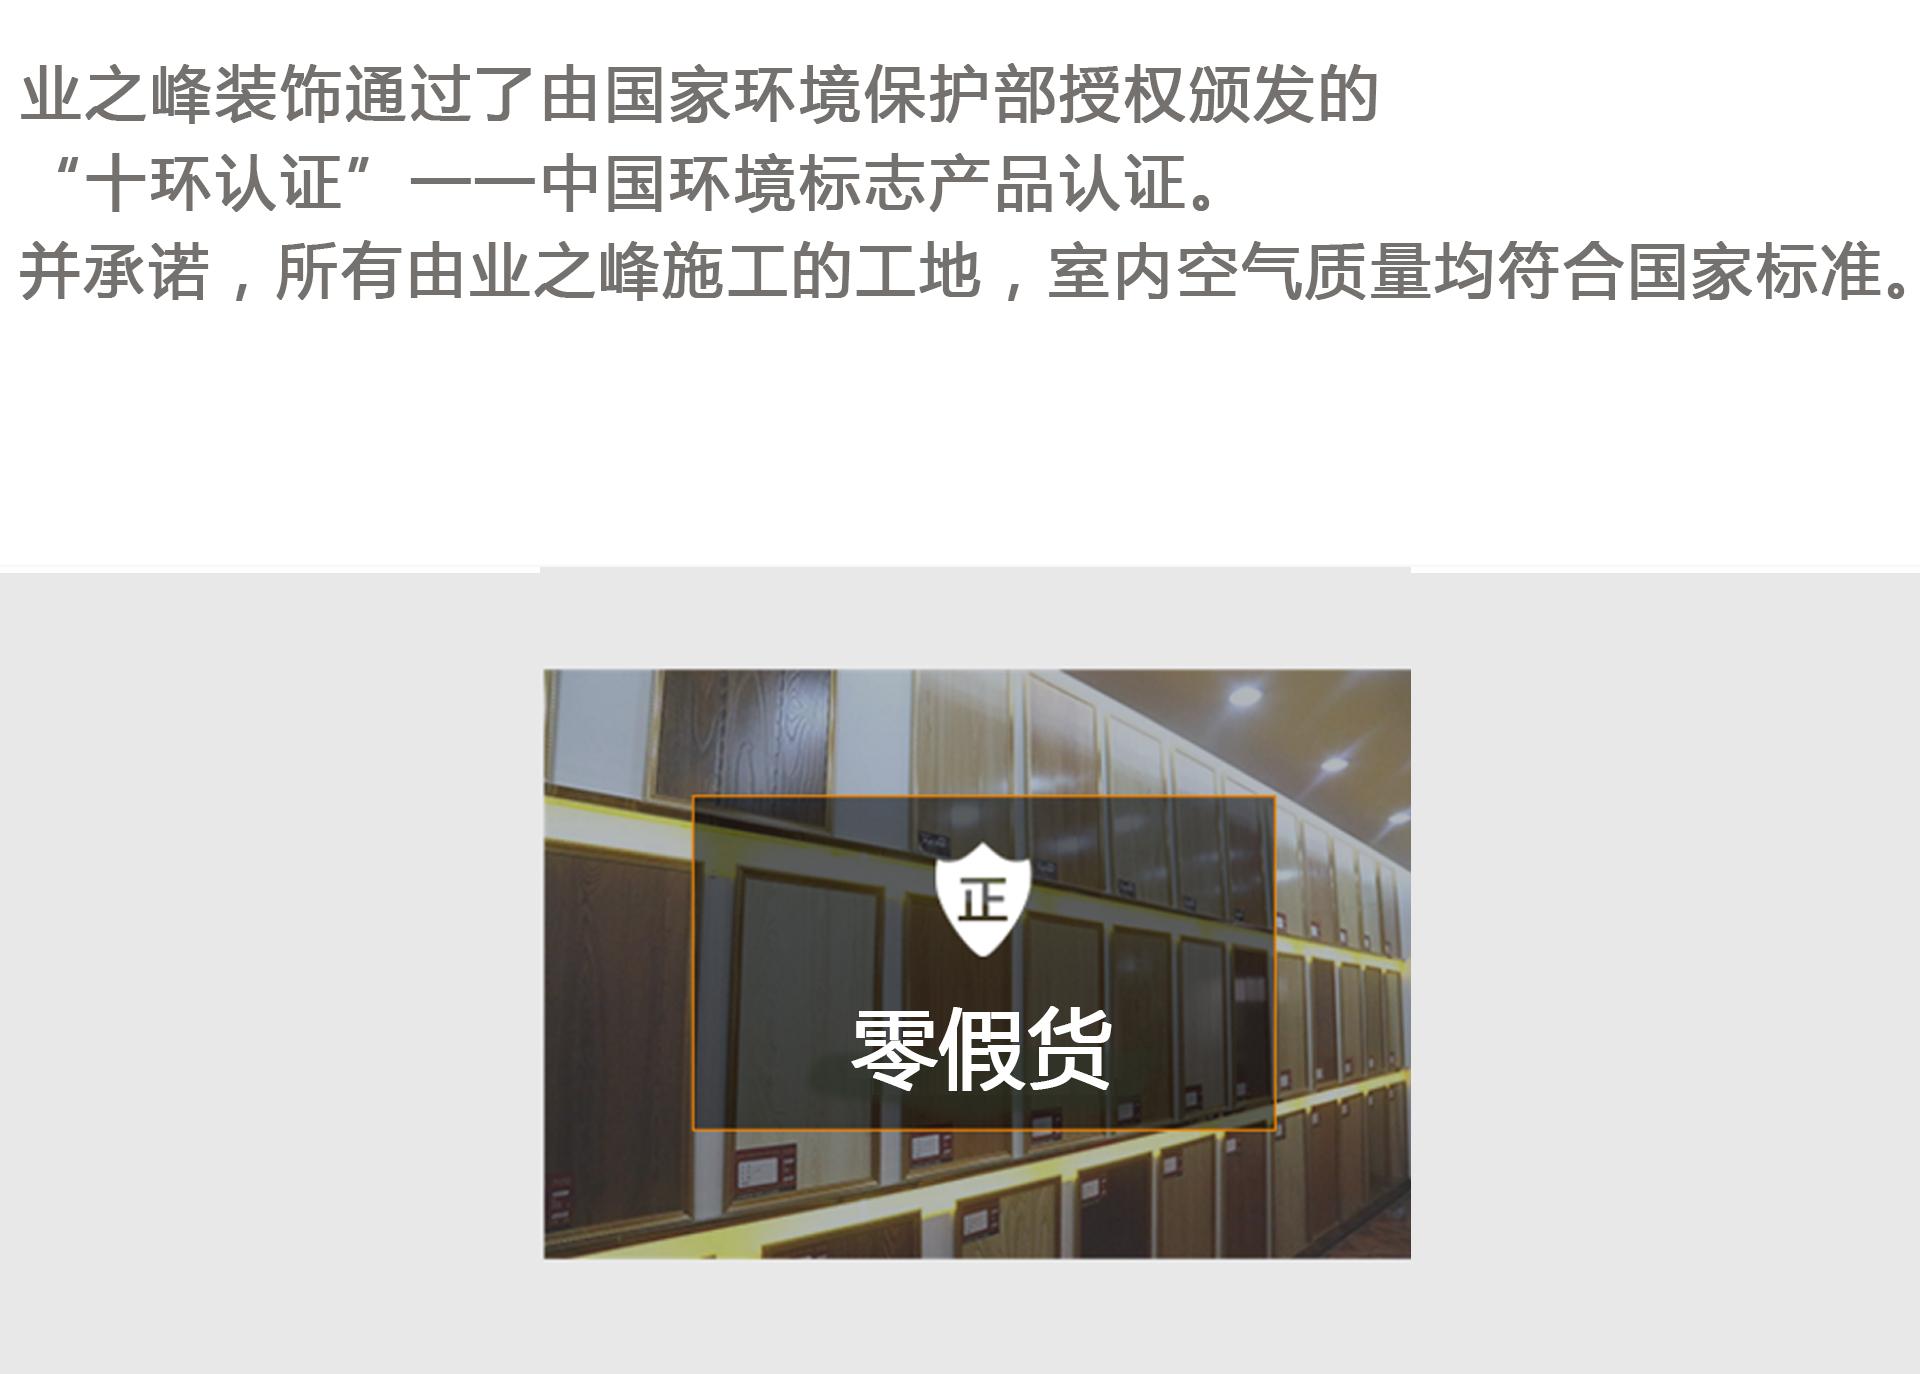 业之峰五零工程_03.jpg